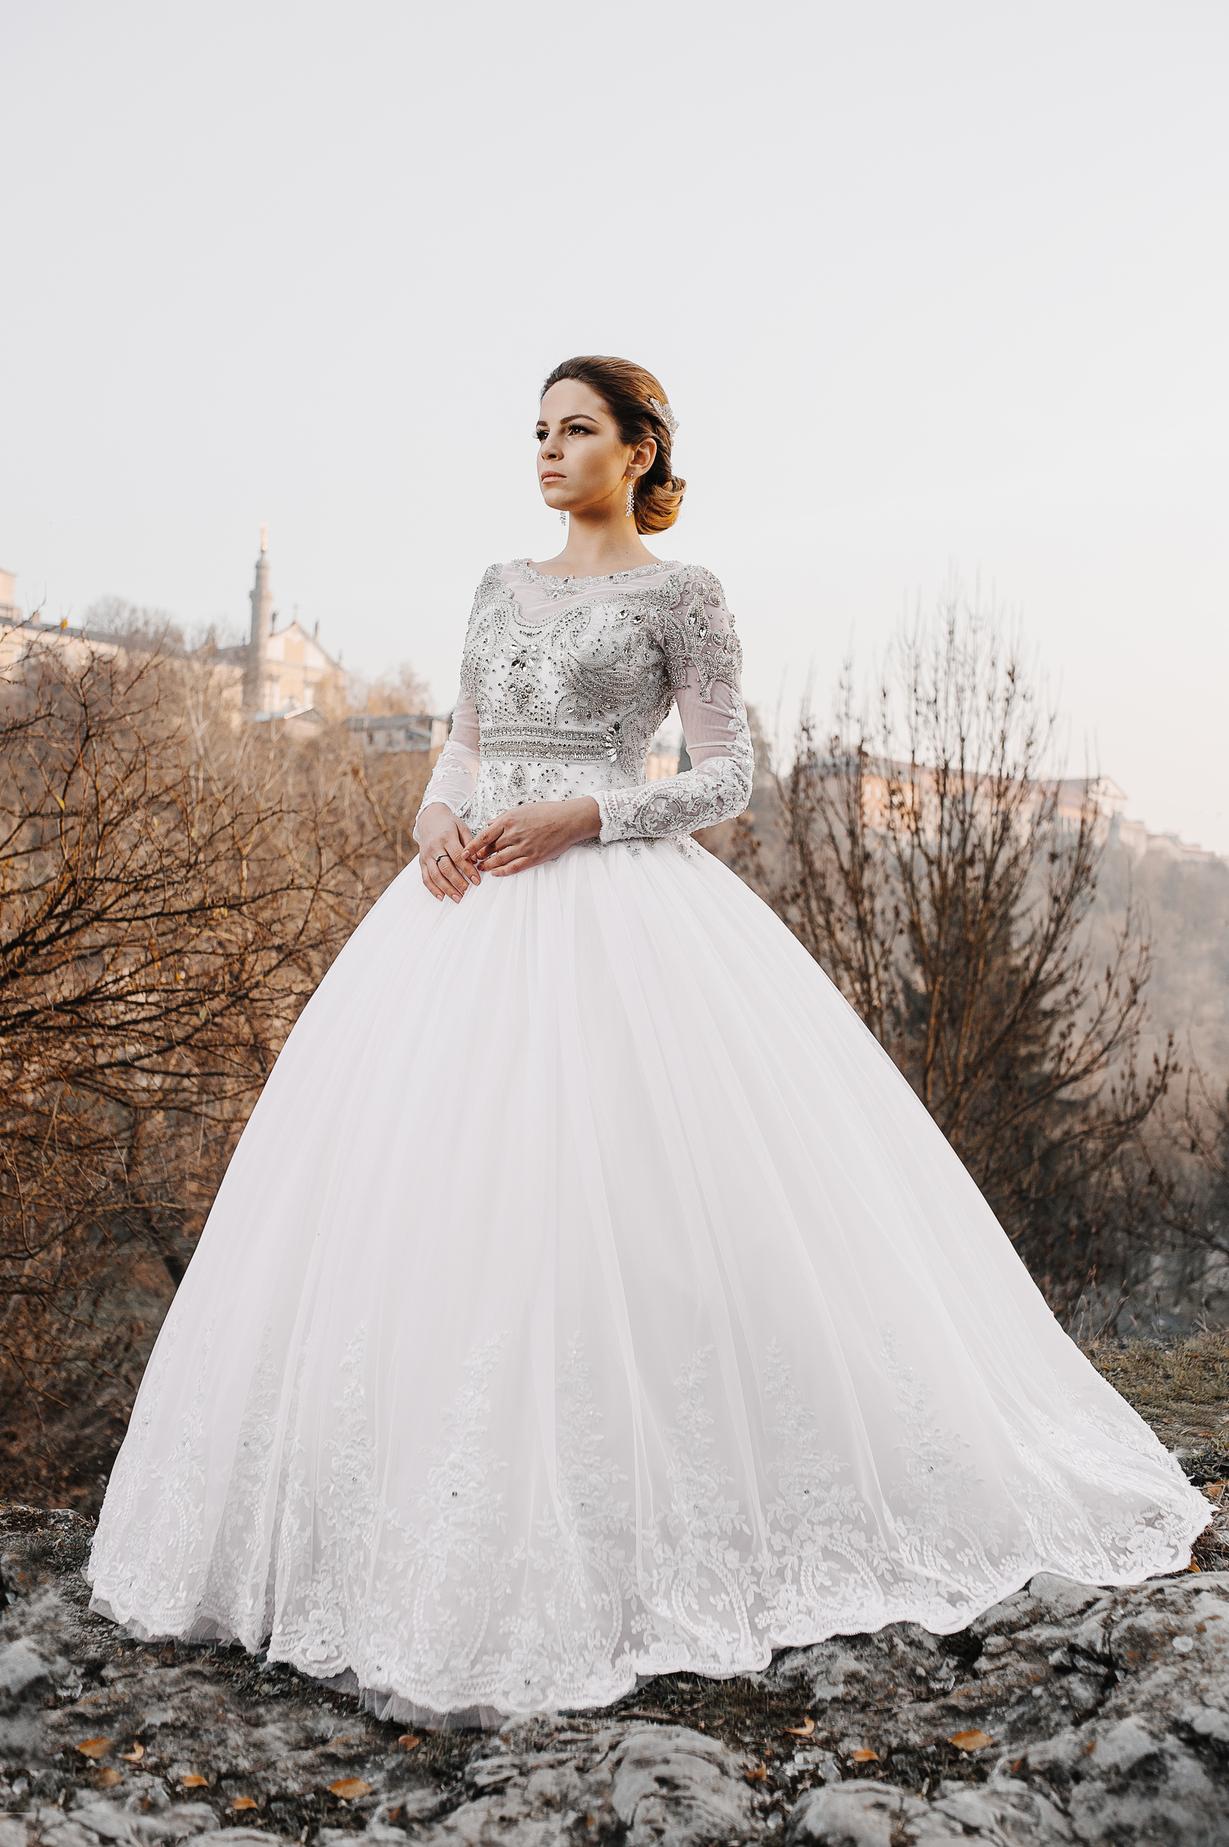 Rochie De Mireasă Rafinată Cu Ornamente De Argint și Dantelă Album